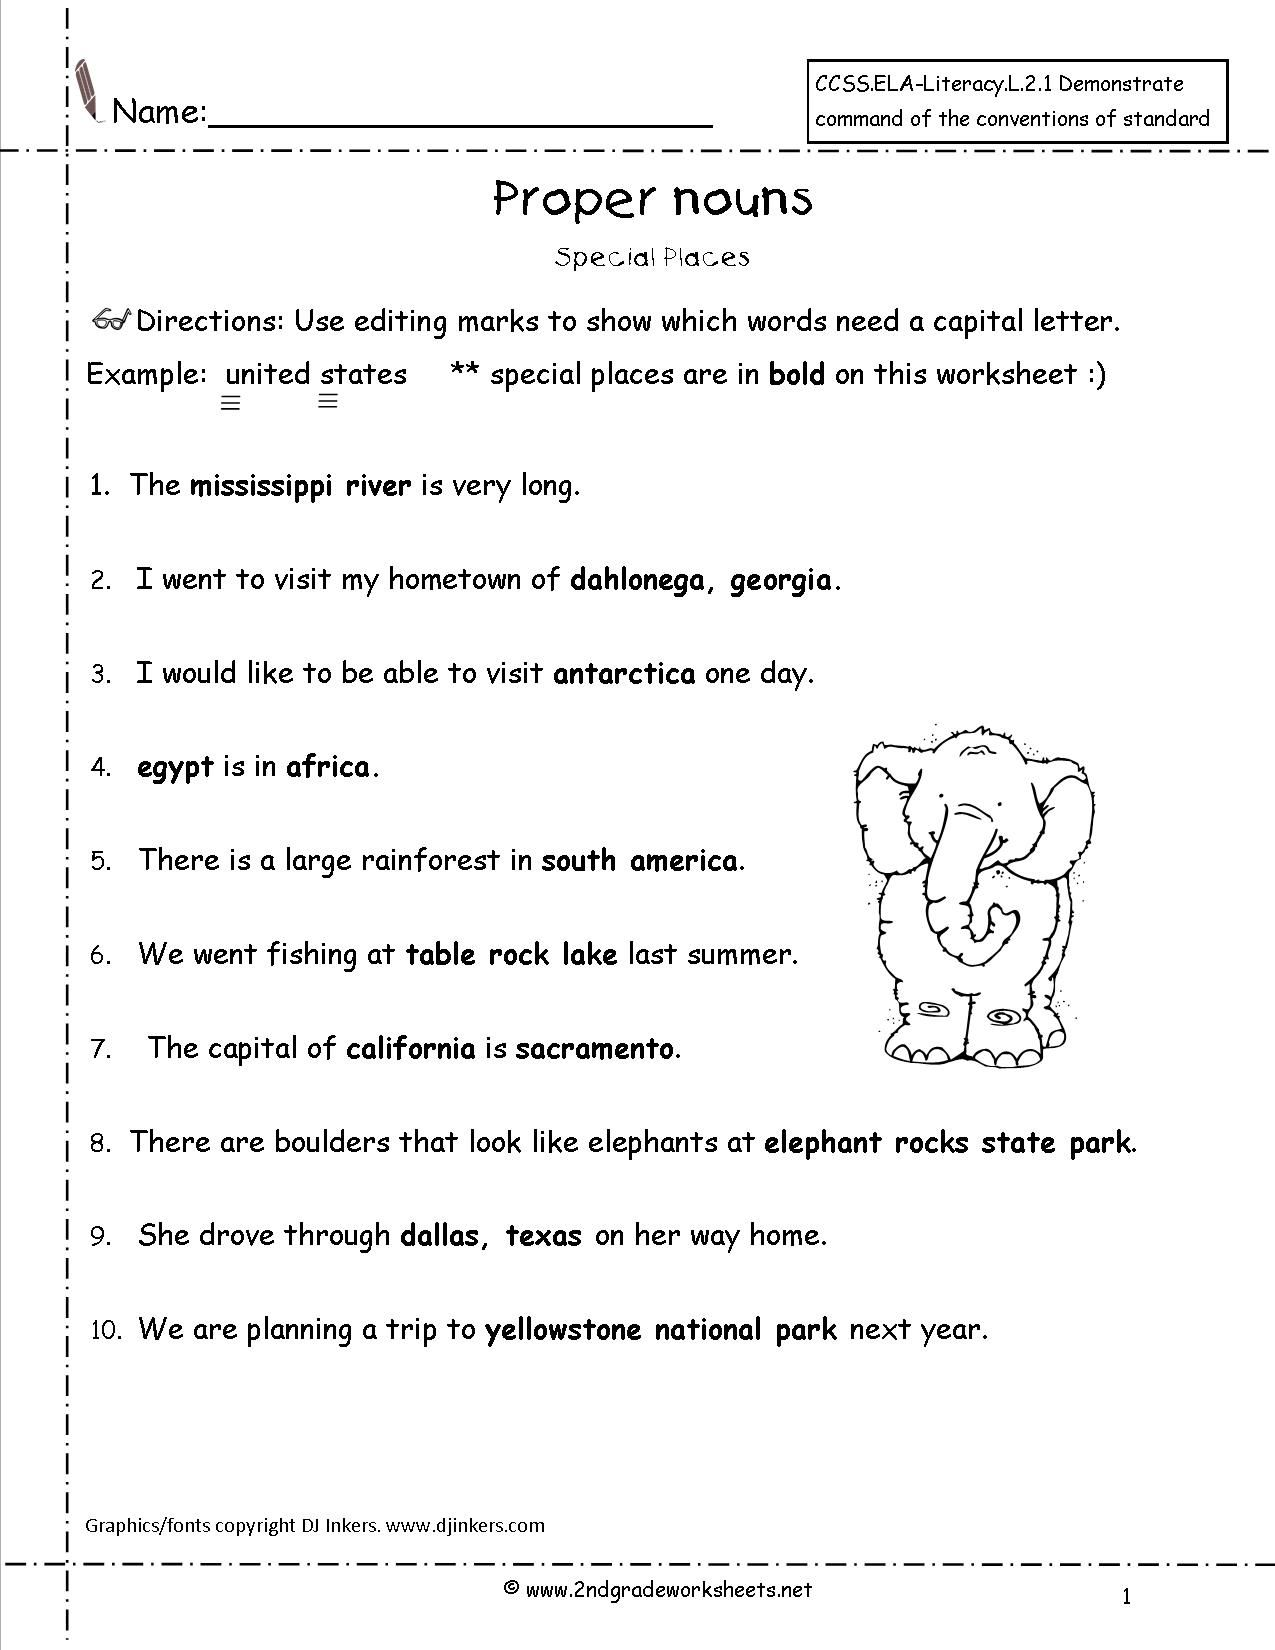 Proper Noun Worksheets For Kids